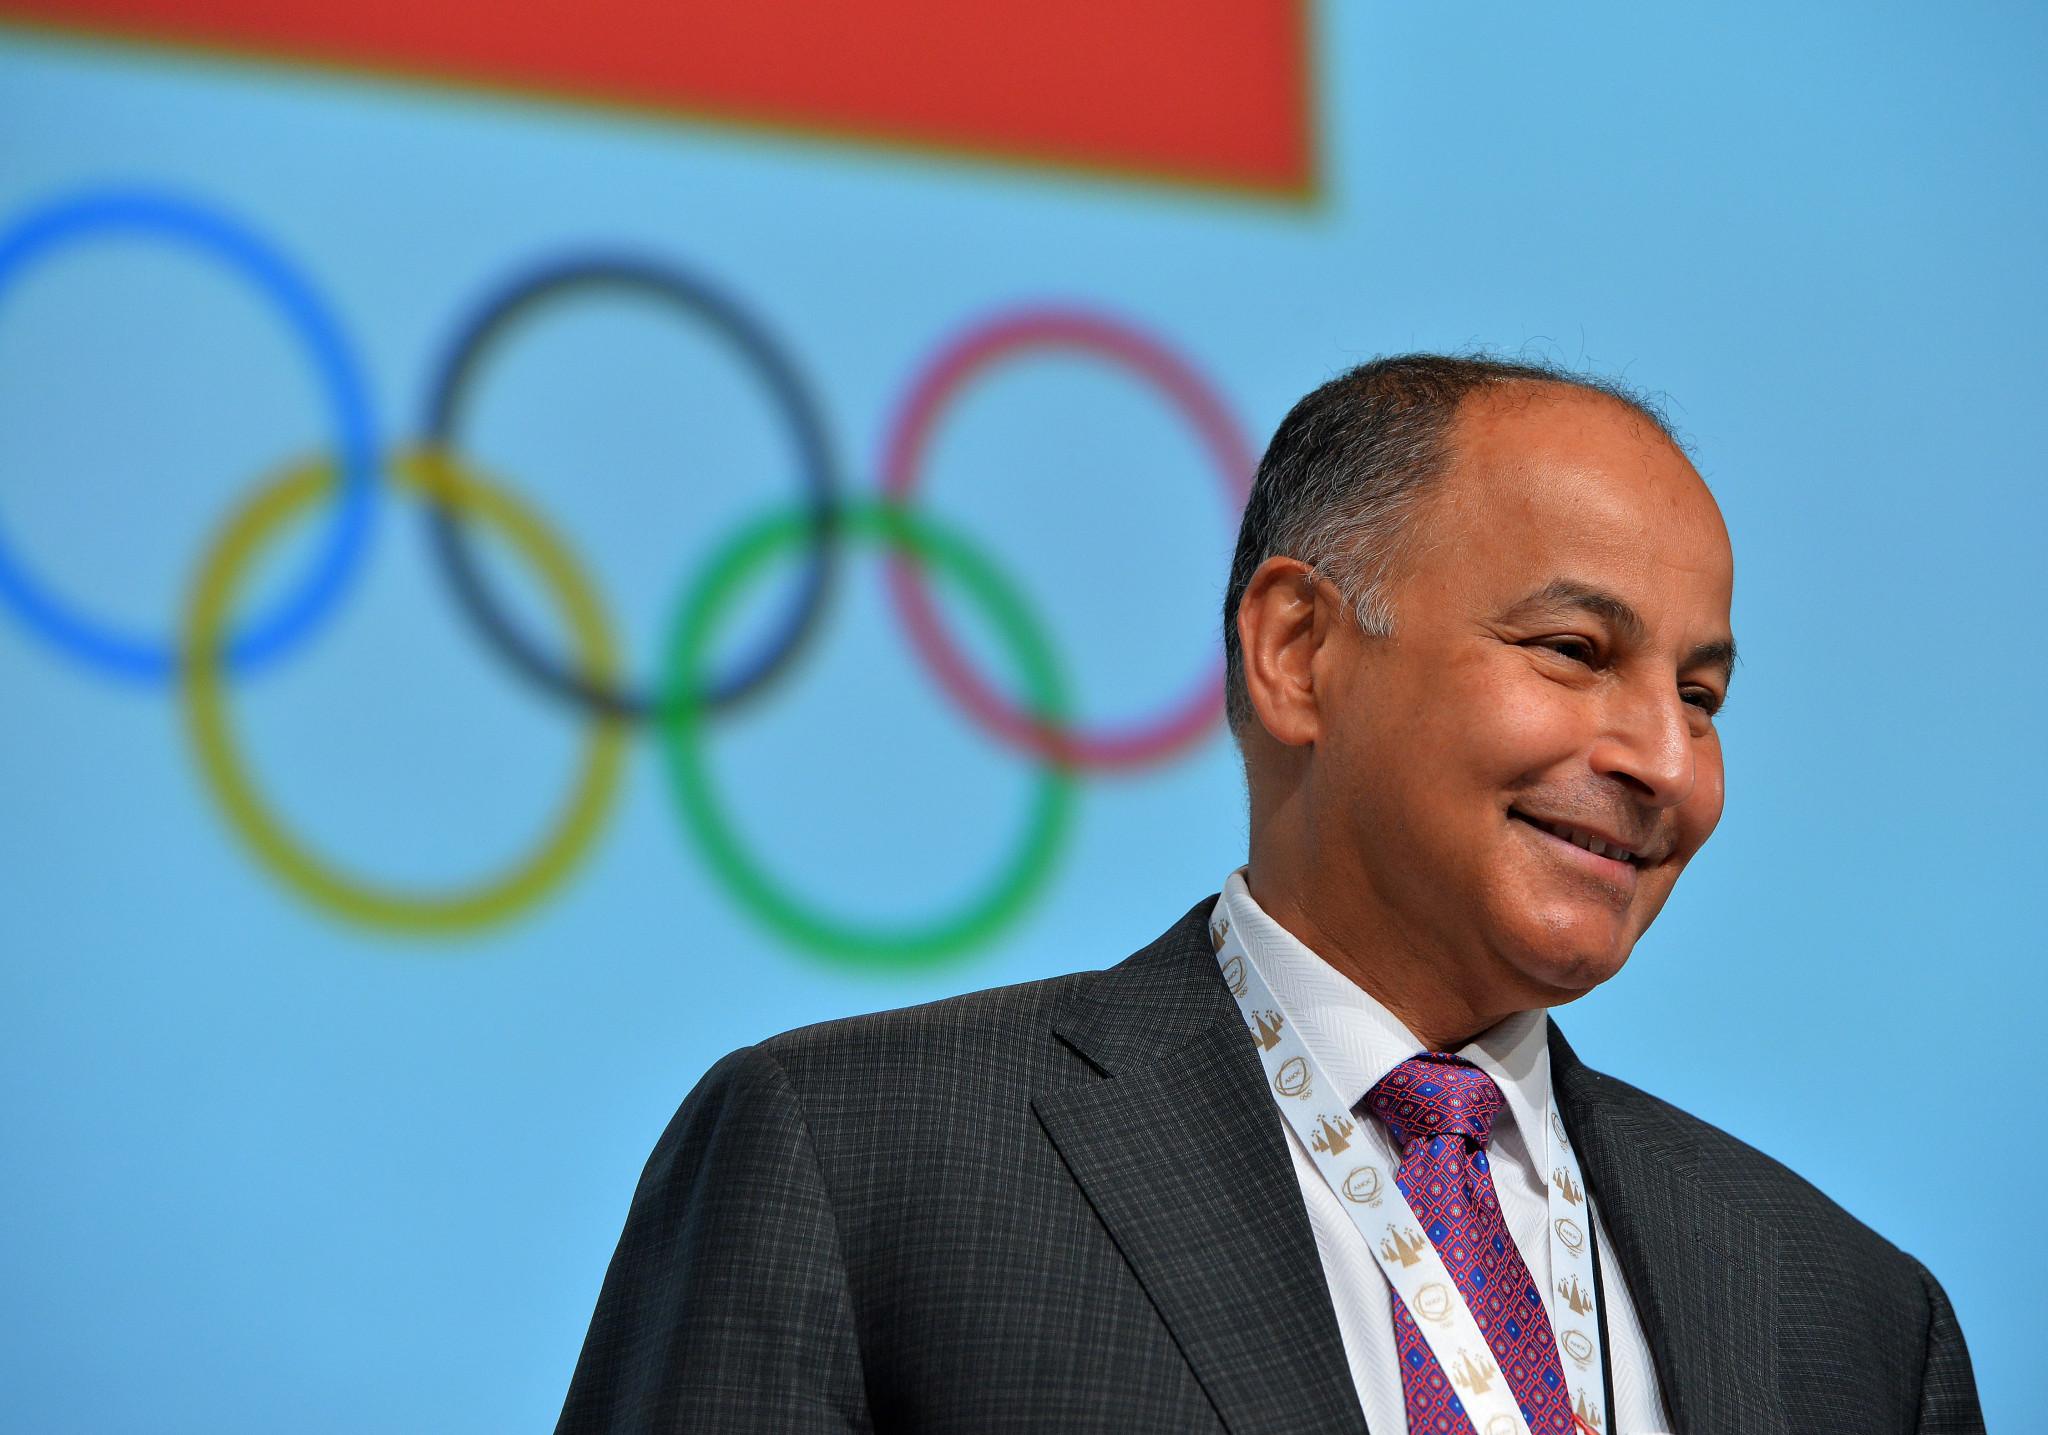 Gobierno de Kuwait respalda campaña de Al-Musallam para presidir la FINA